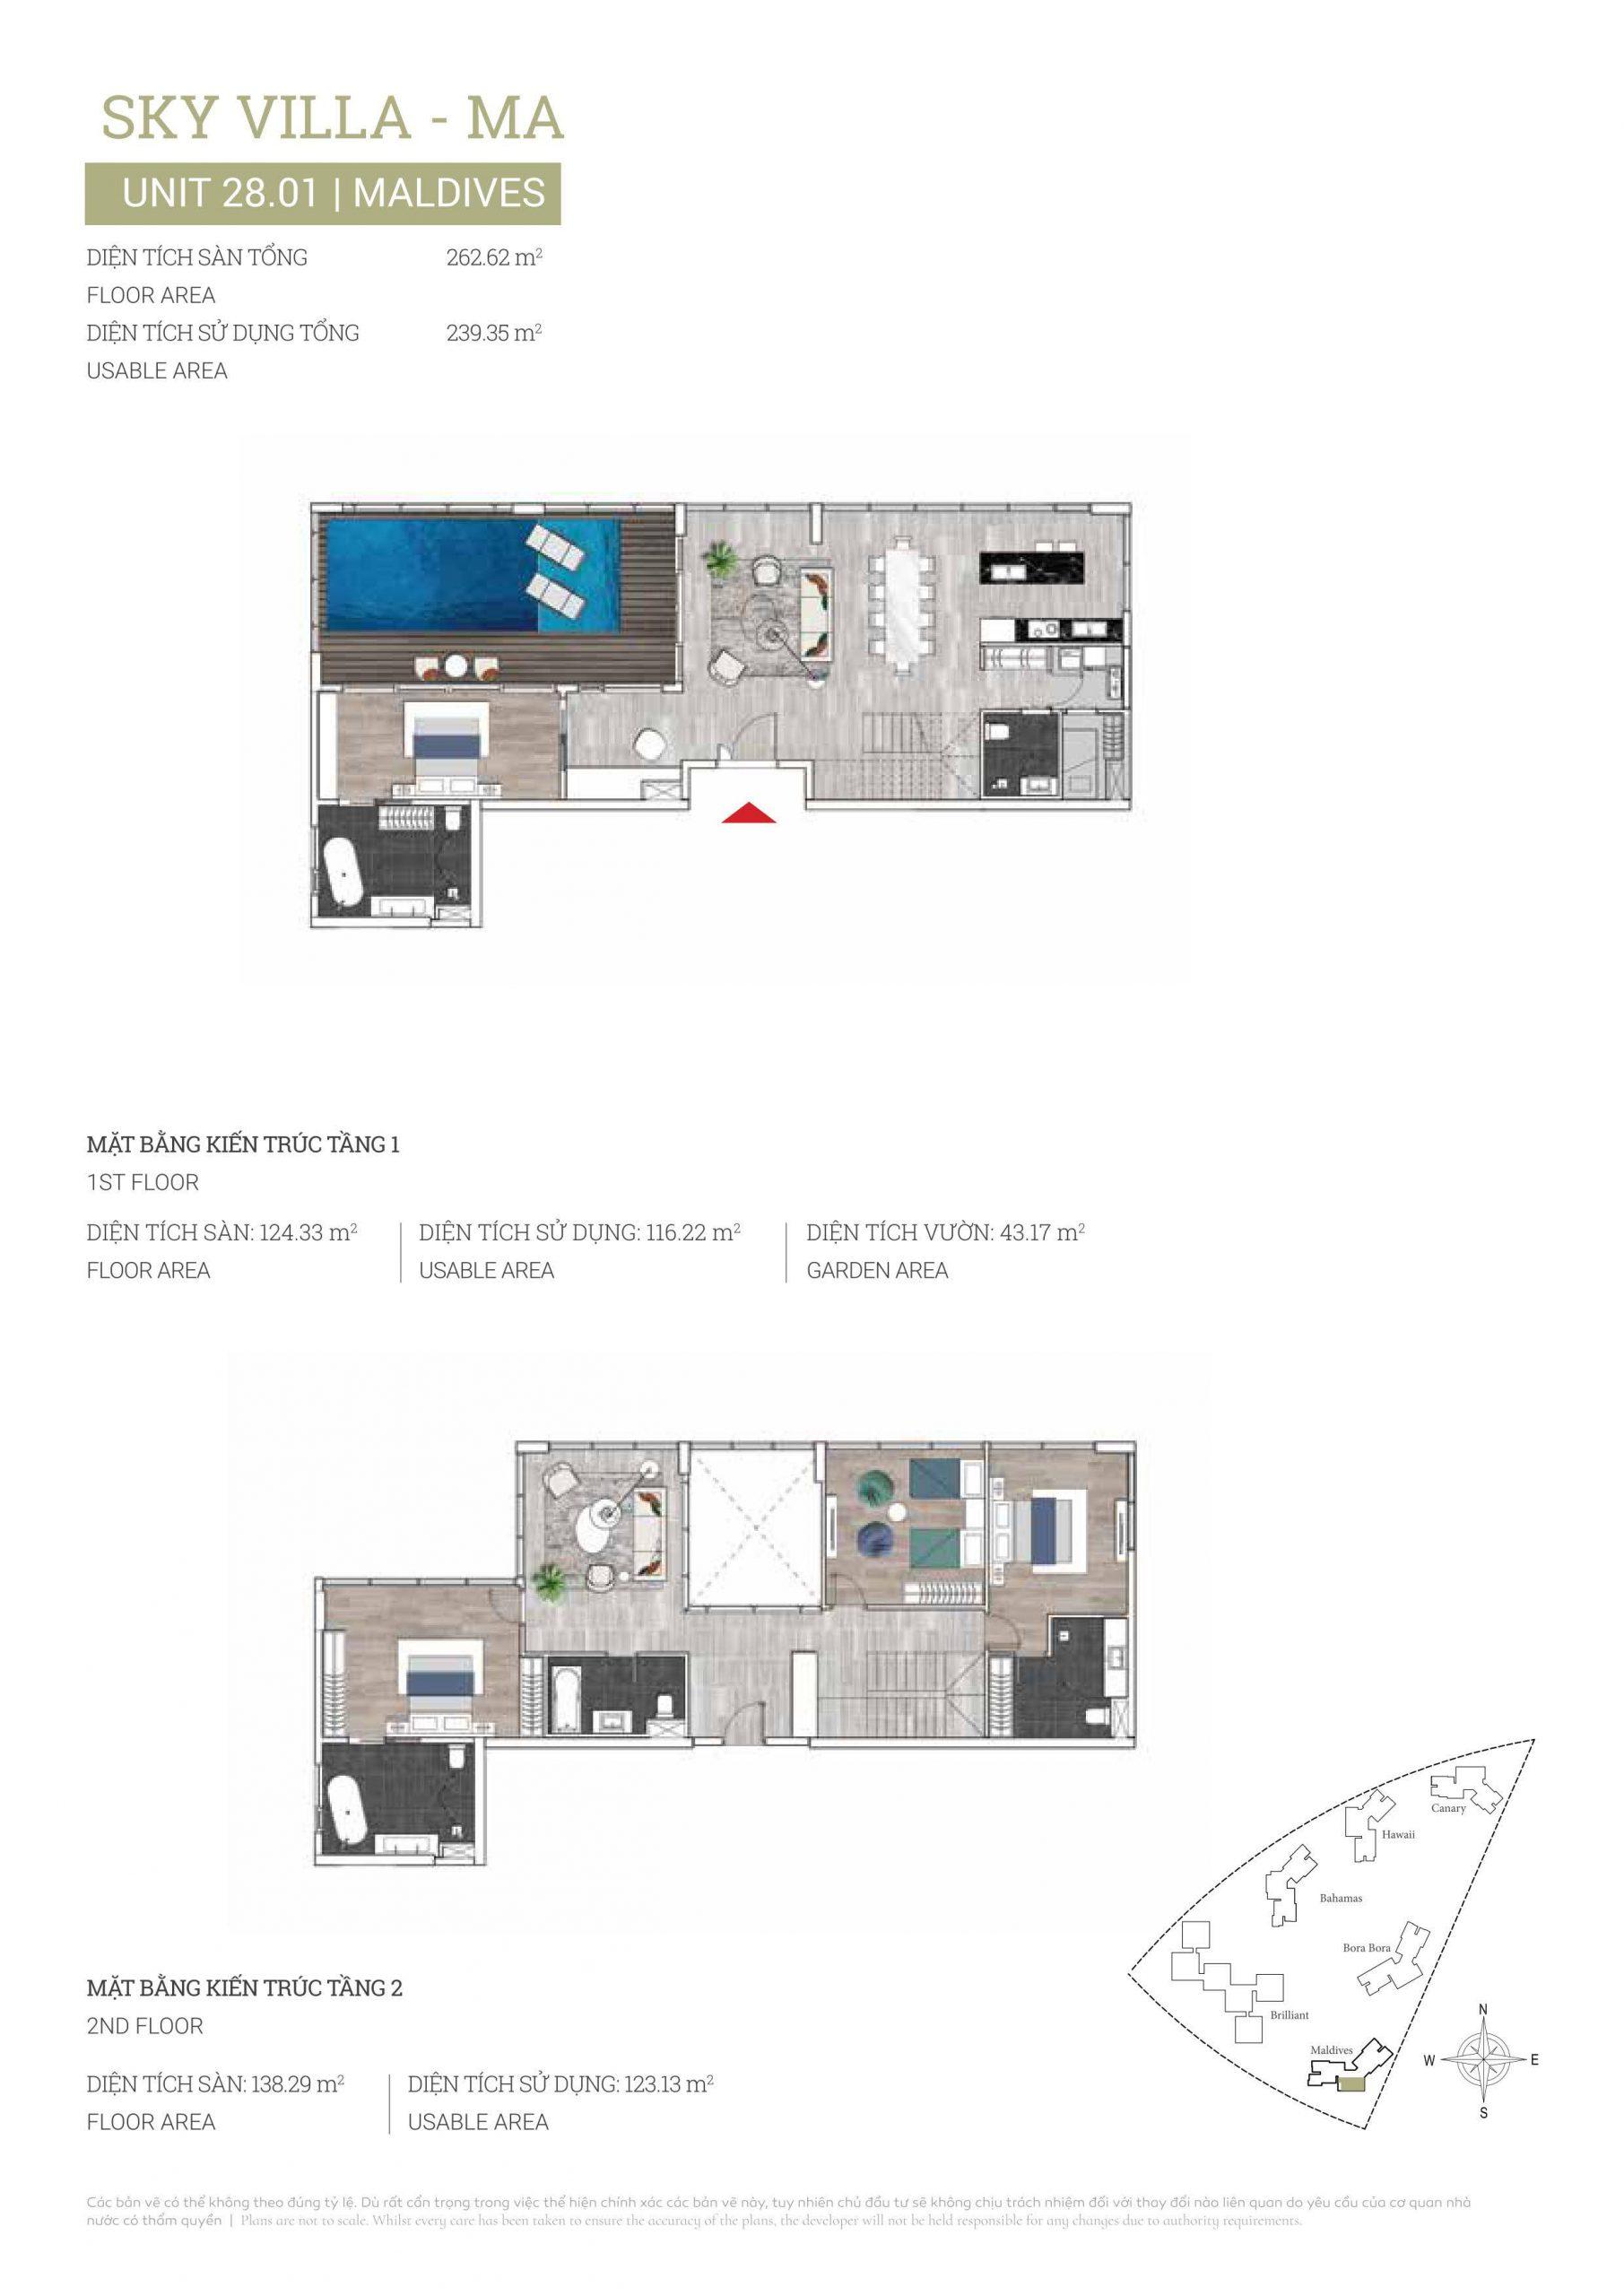 Layuot Penthouse DKC MA-28.01